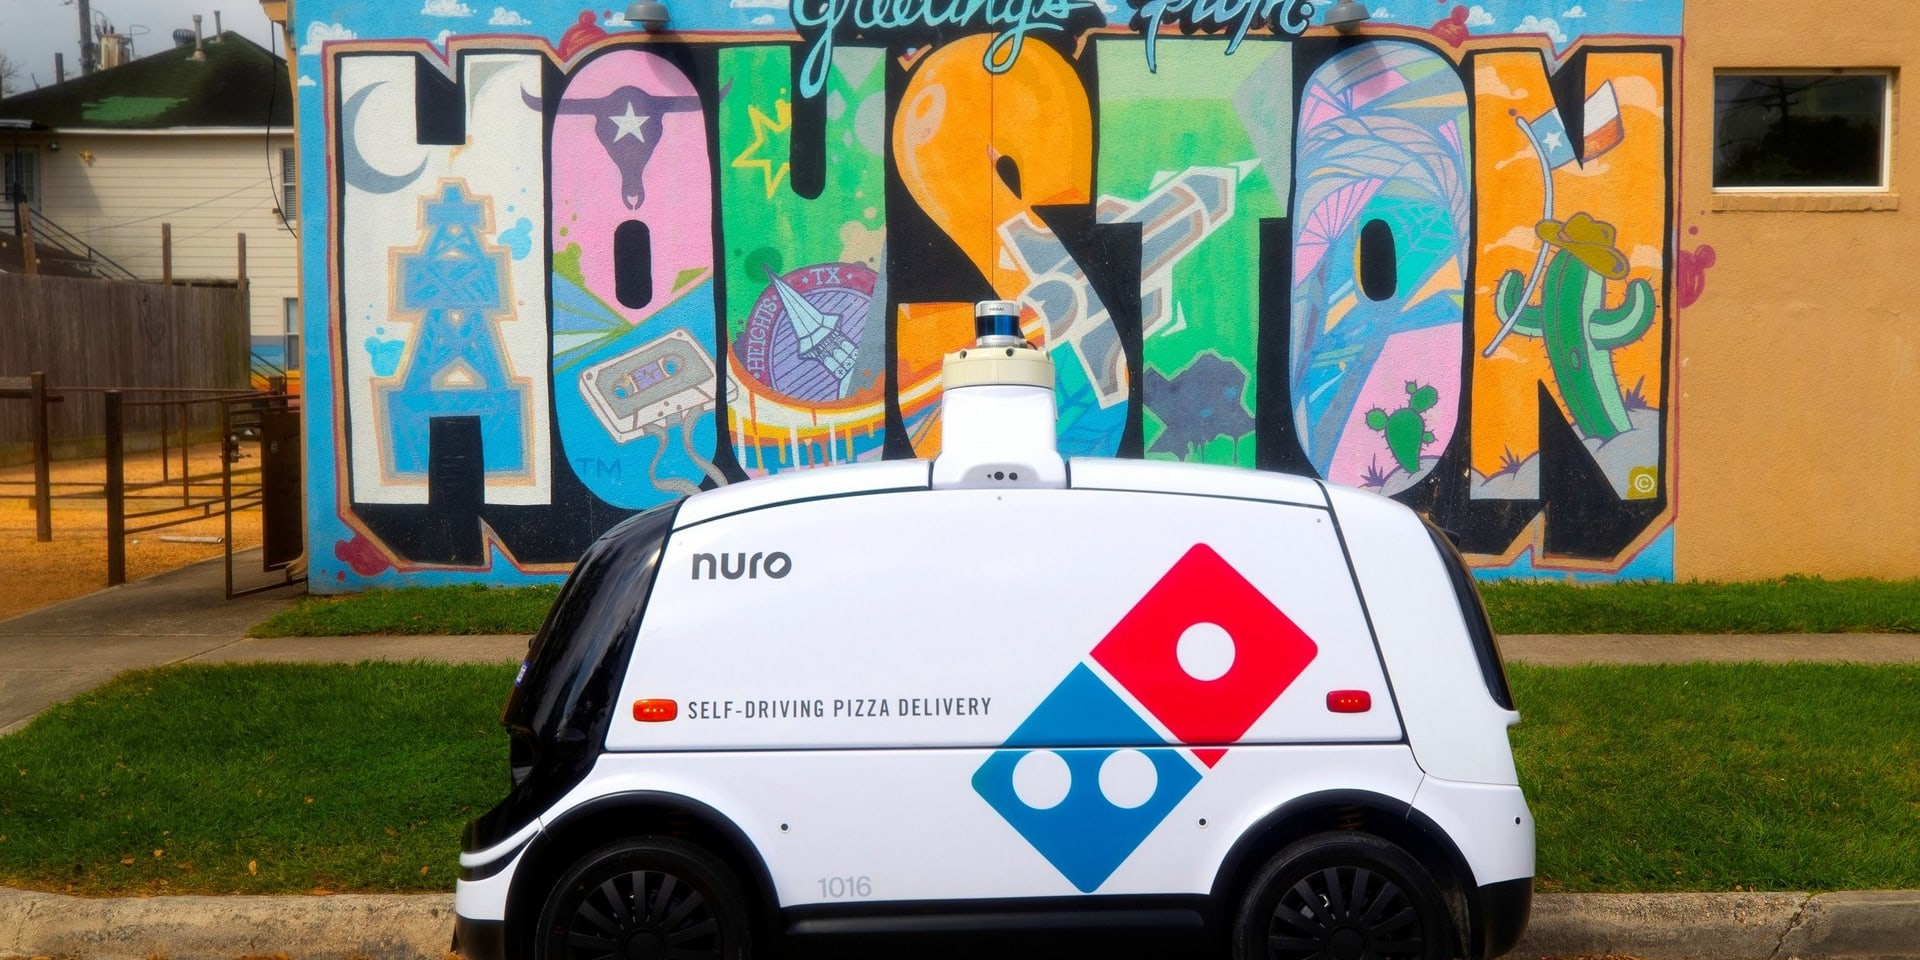 Беспилотные автомобили доставляют пиццу вместо людей